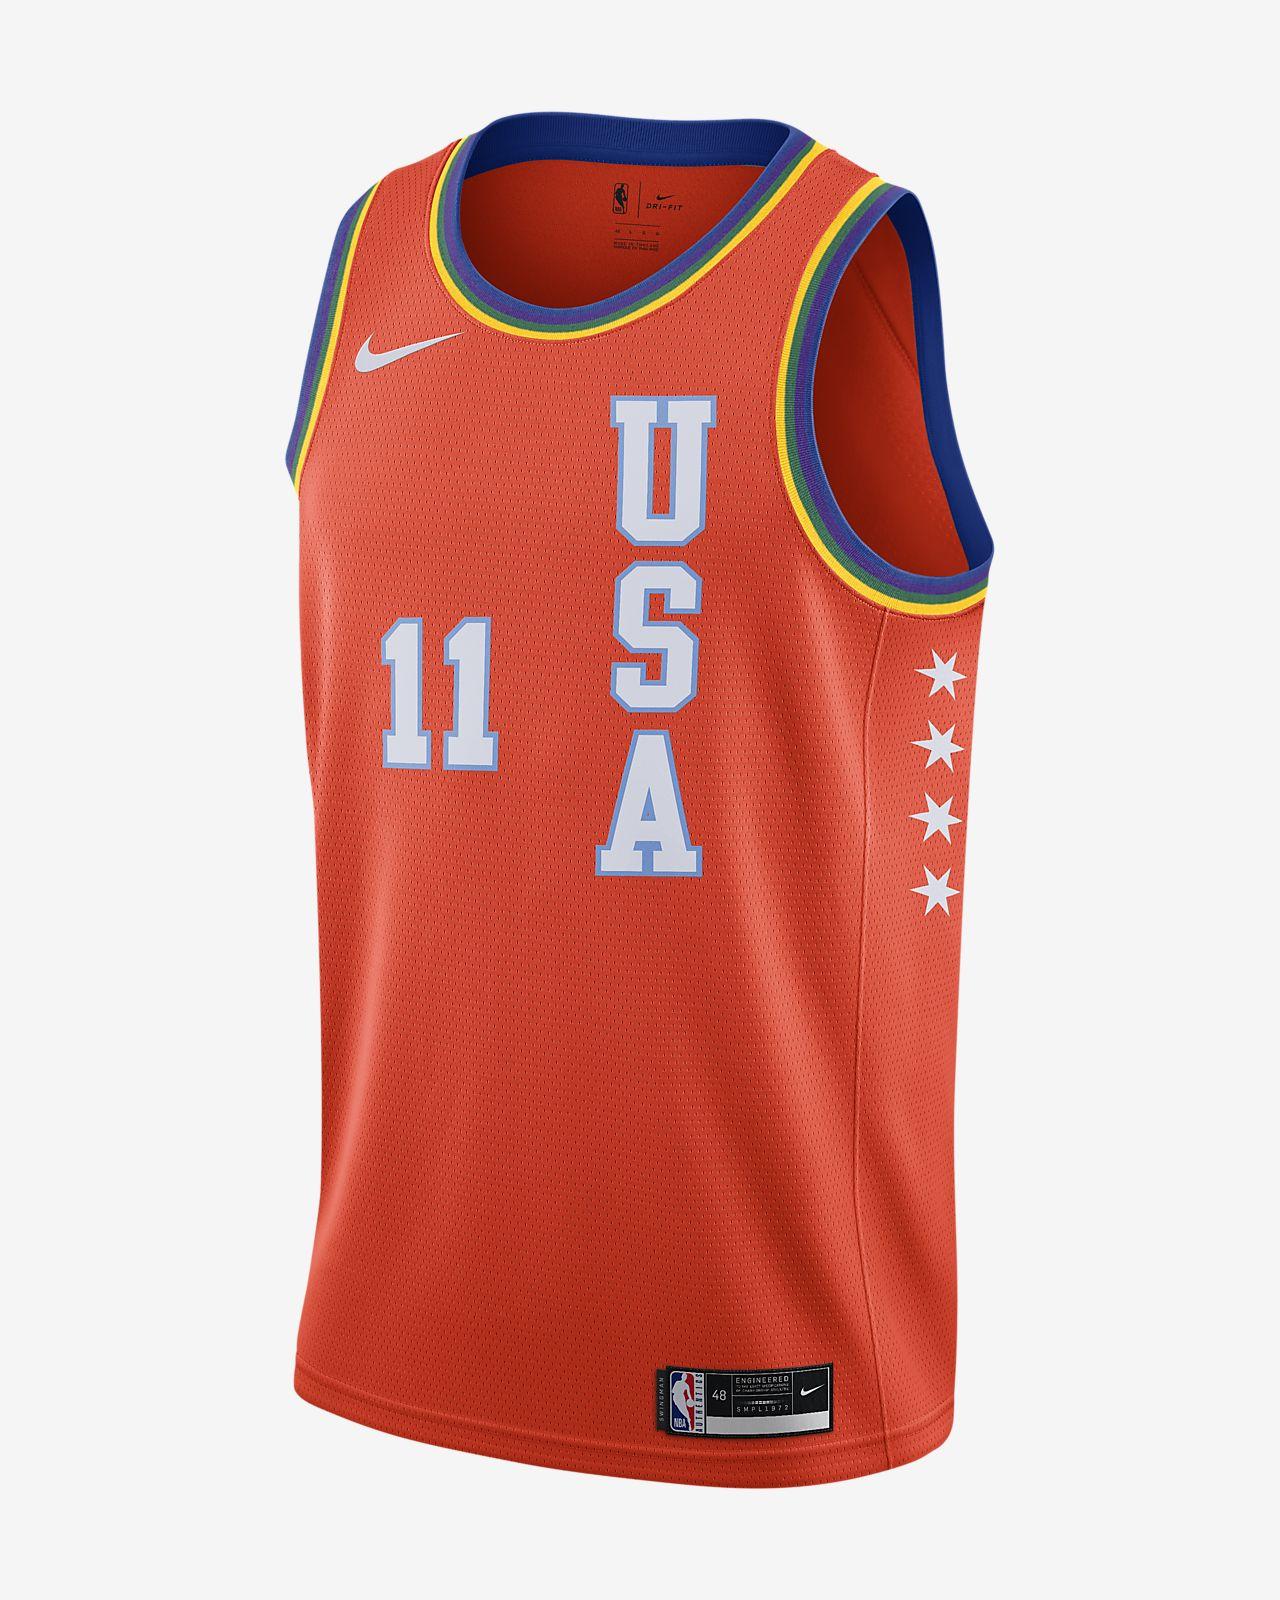 Trae Young All-Star USA 'Rising Stars' Nike NBA Swingman Jersey 男子球衣